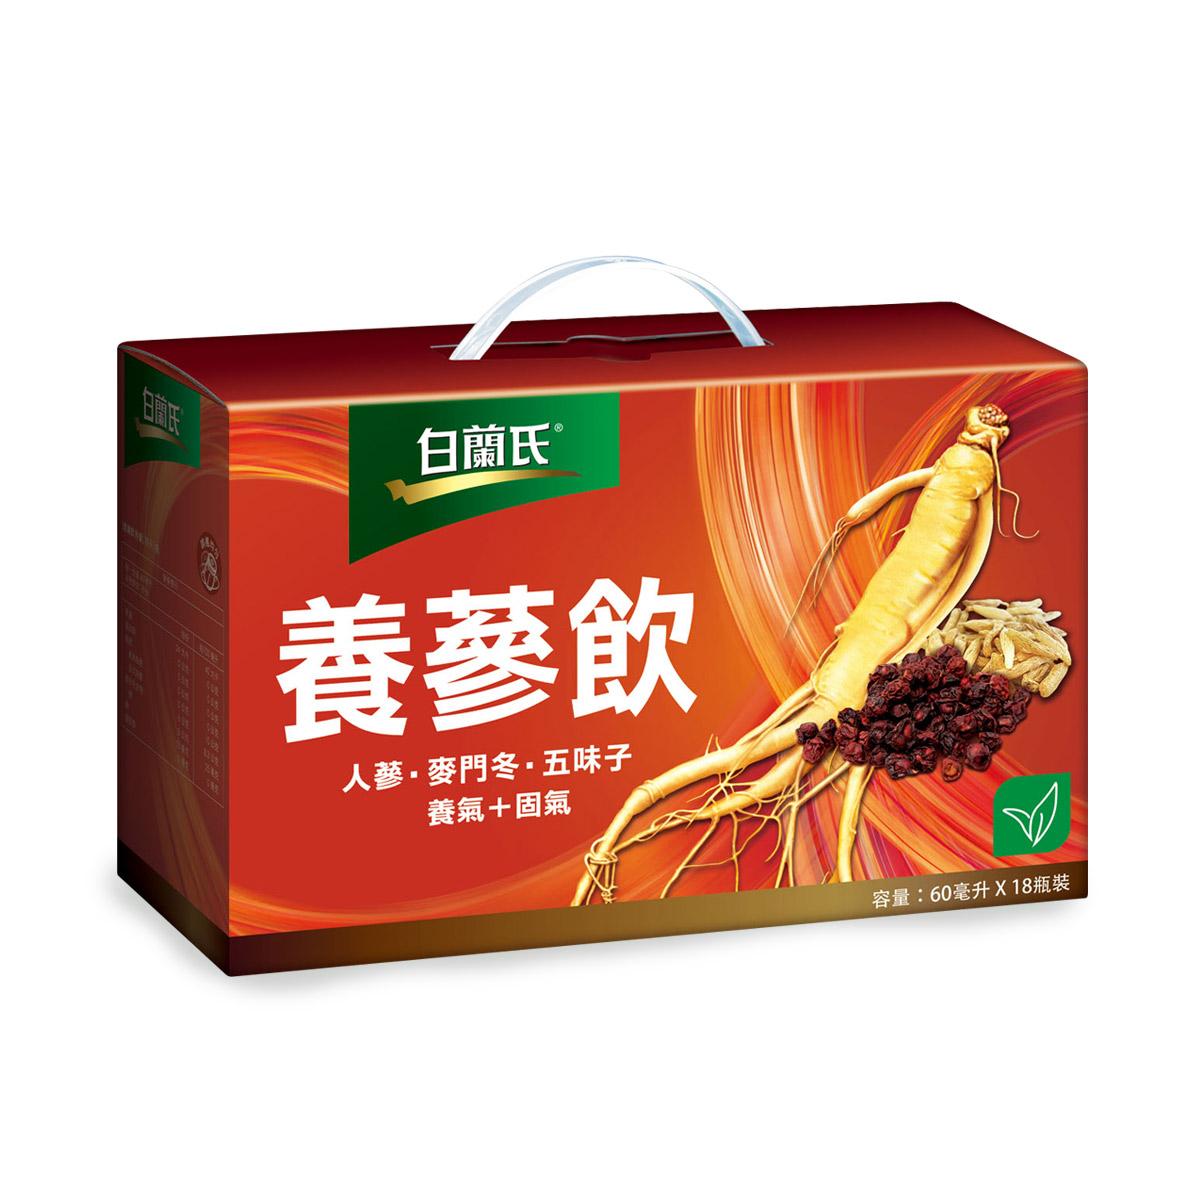 【珍貴人蔘精華 養氣固氣雙效】 白蘭氏養蔘飲 60mlx18瓶 醫師推薦 補氣解燥順氣